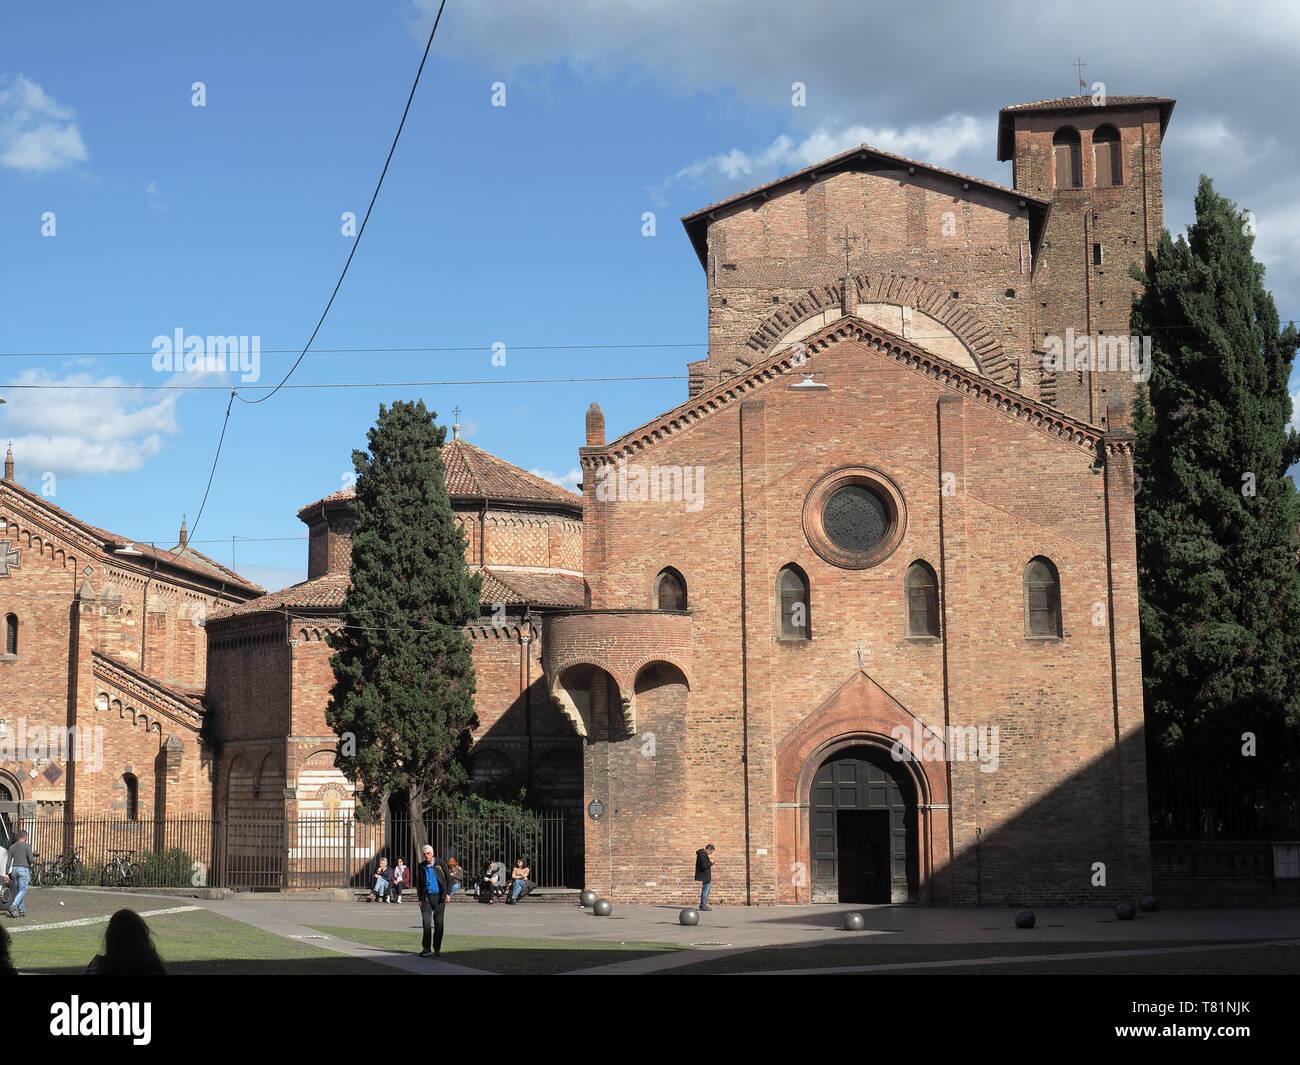 Vista della Basilica di Santo Stefano in Piazza Santo Stefano a Bologna Italia Immagini Stock